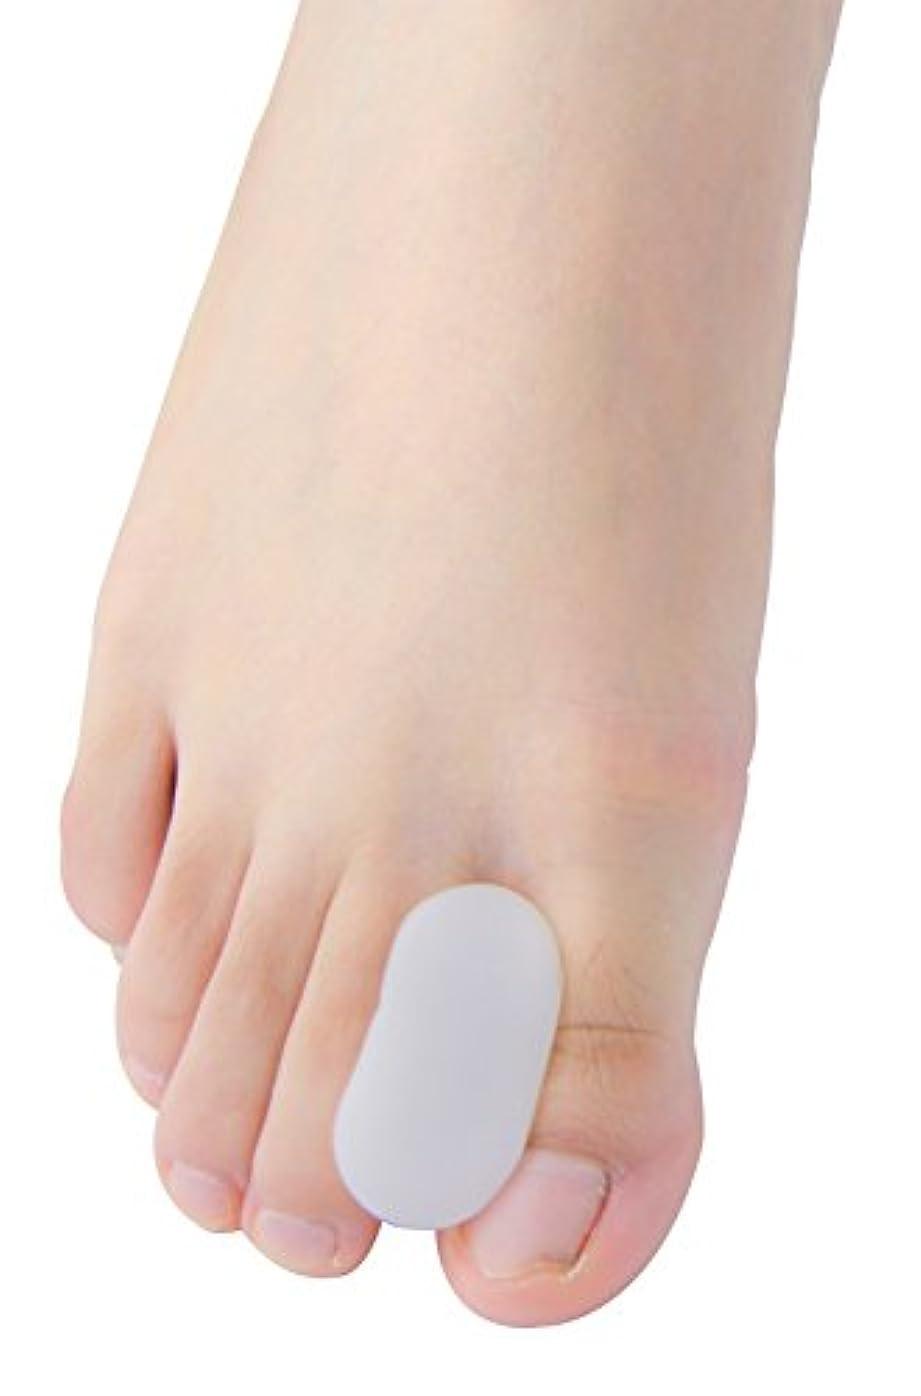 被るポータブル目指すPovihome 足指衝撃ストッパー, 足指セパレーター,外反母趾 サポーター 矯正 バニオン 5ペア,柔らかゲルでやさしくサポート(M)